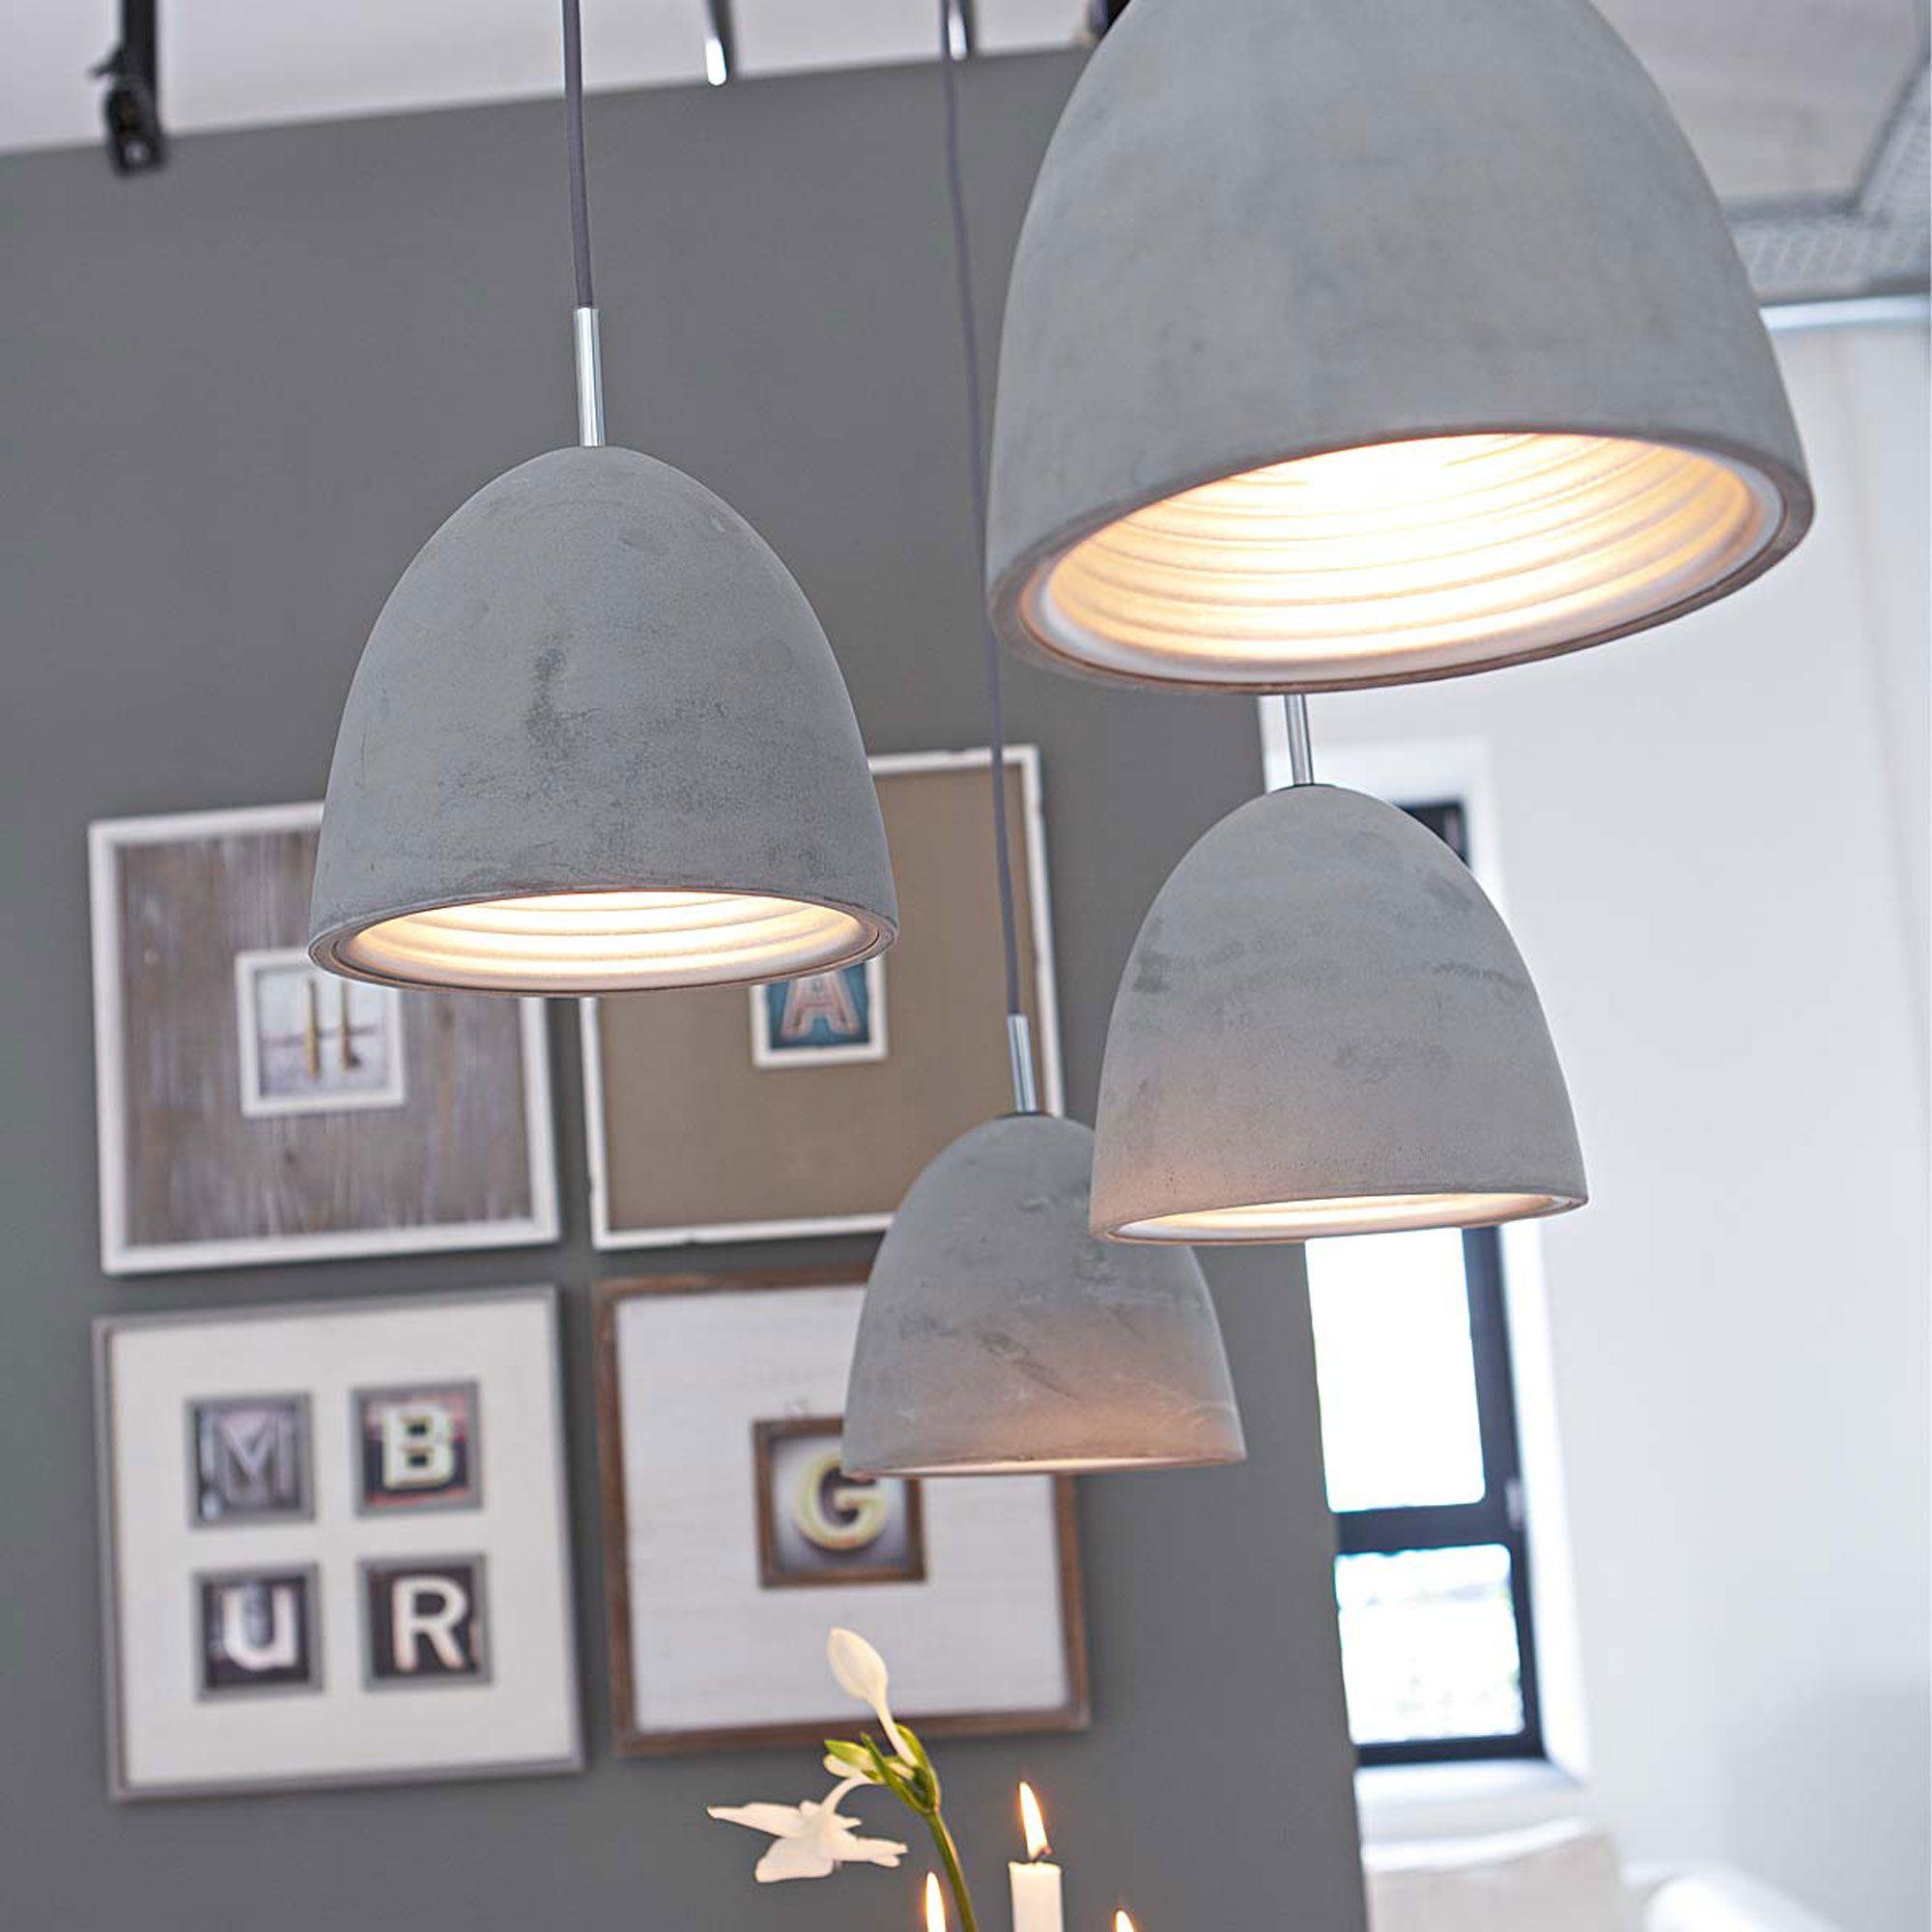 Beton Deckenleuchte In Grau Bei Impressionen Lampen Wohnzimmer Esstisch Beleuchtung Lampe Betonoptik